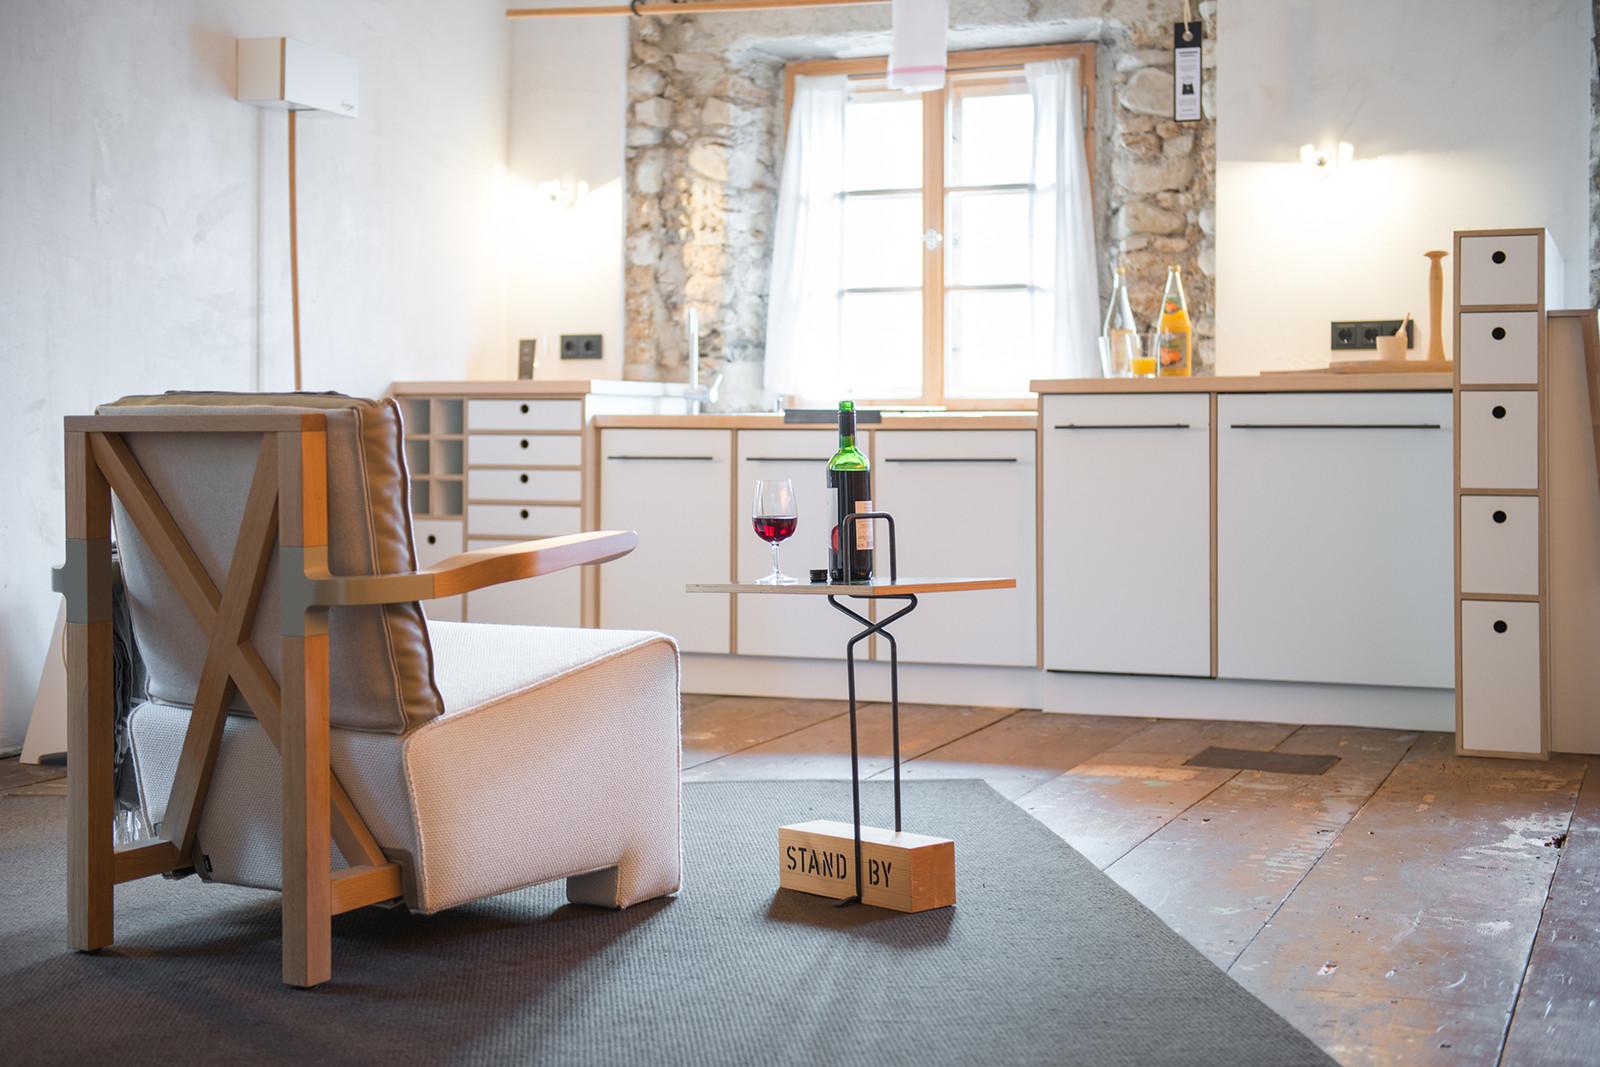 Nils Holger Moormann Berge nils holger moormann berge hotel interieur interior